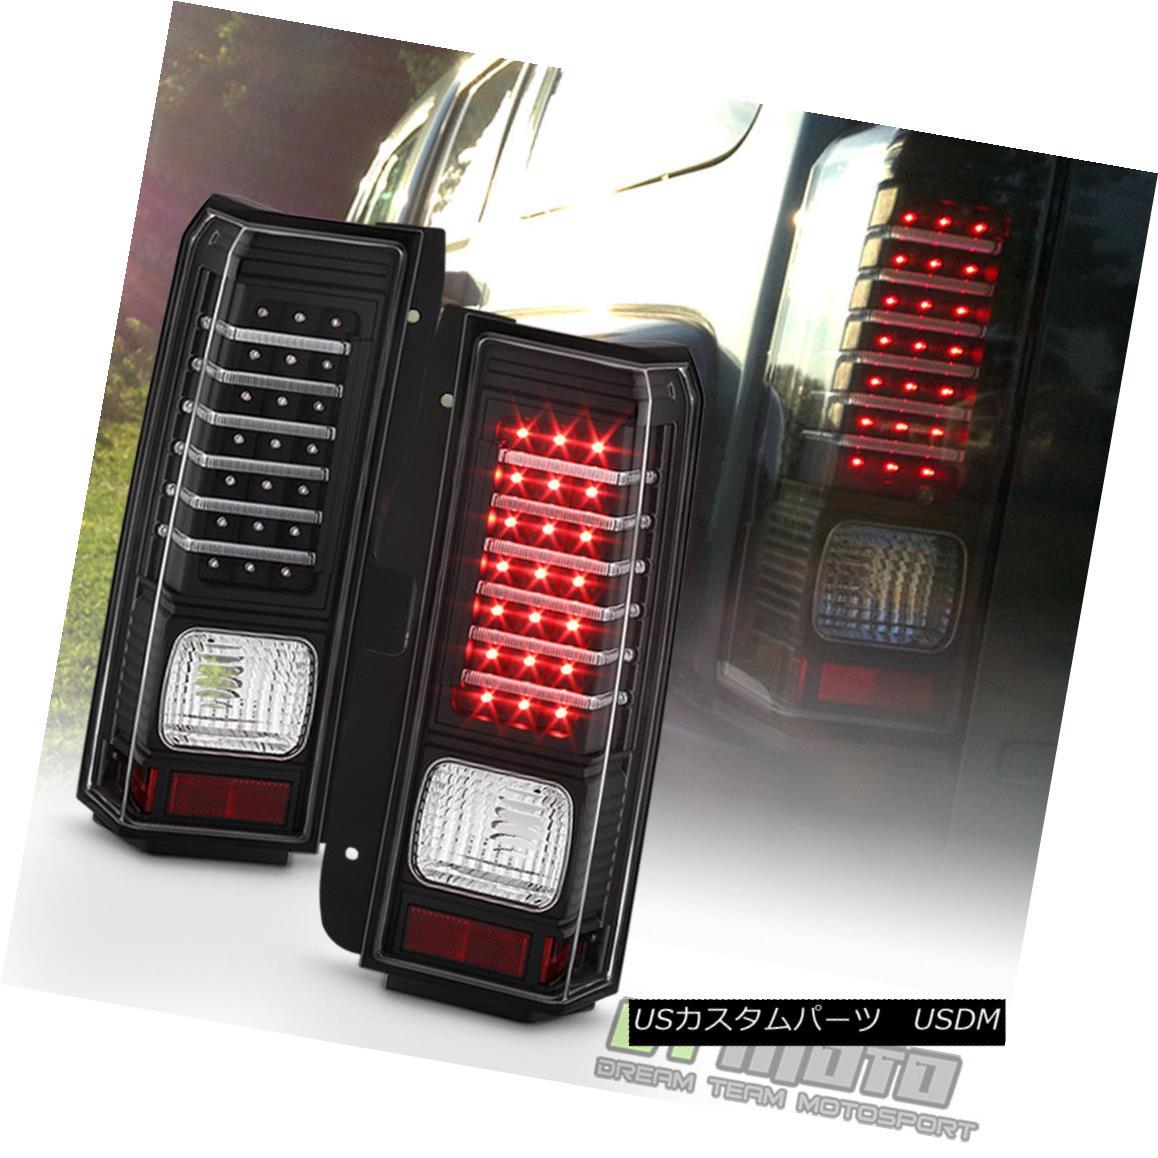 テールライト 2006 2007 2008 2009 2010 Hummer H3 LED [Light Bar] Tail Lights Lamps Left+Right 2006 2007 2008 2009 2010 Hummer H3 LED [ライトバー]テールライトランプ左右+